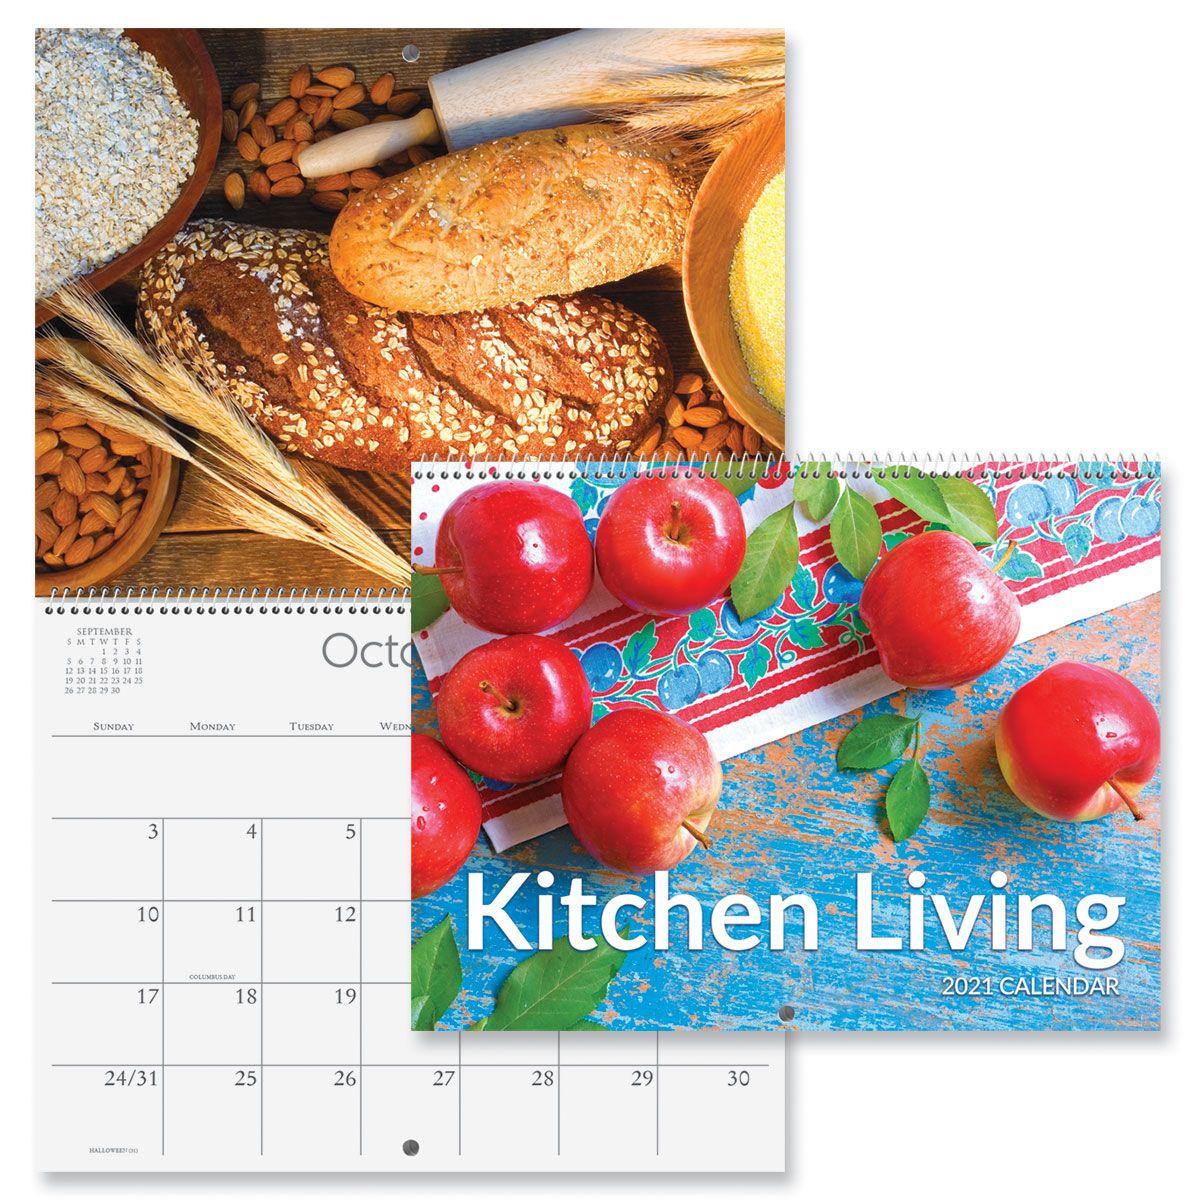 2021 Kitchen Living Wall Calendar